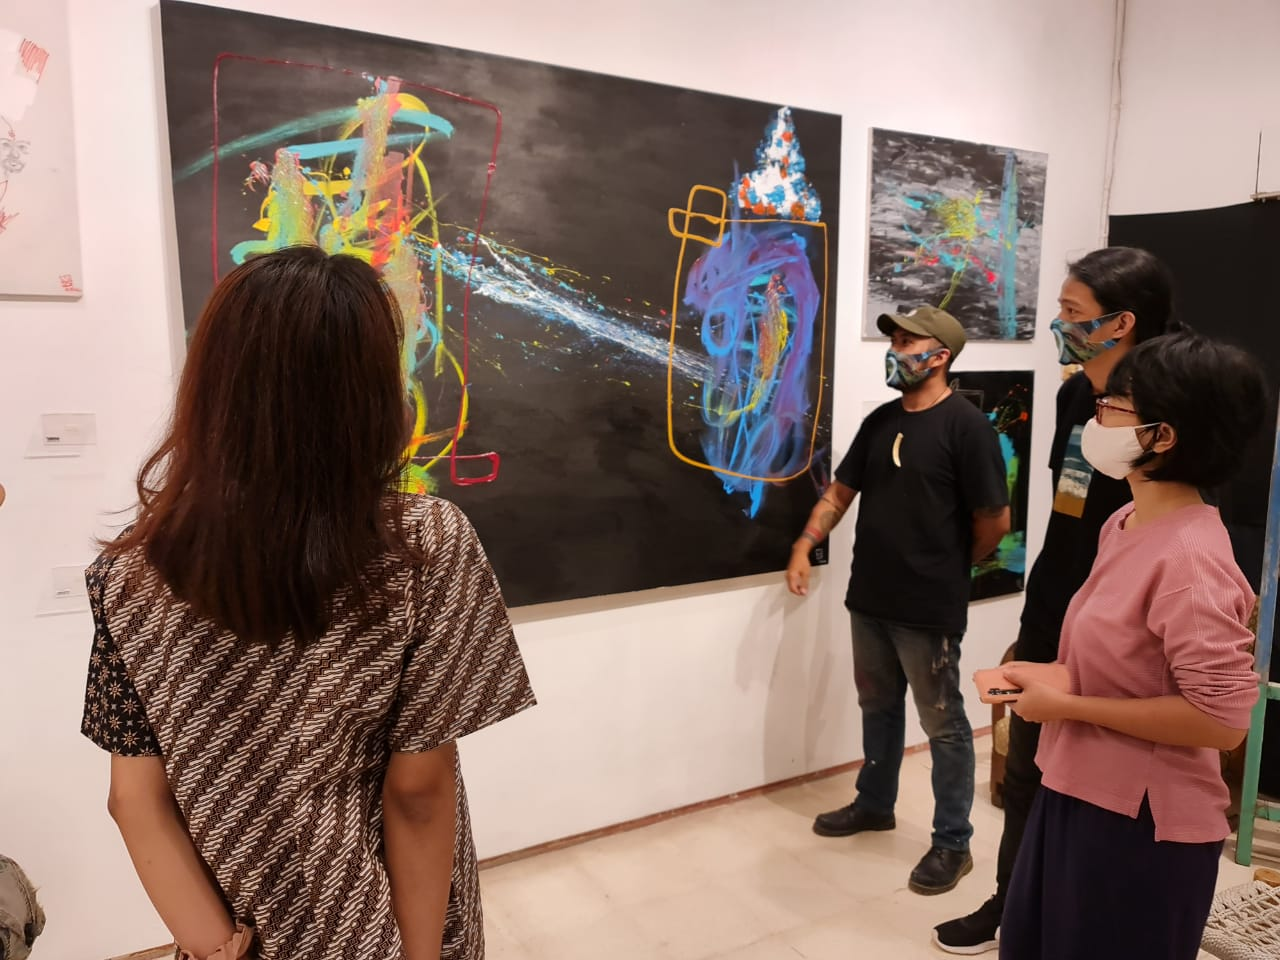 Seniman Miftah Rizaq Gelar Pameran Tunggal